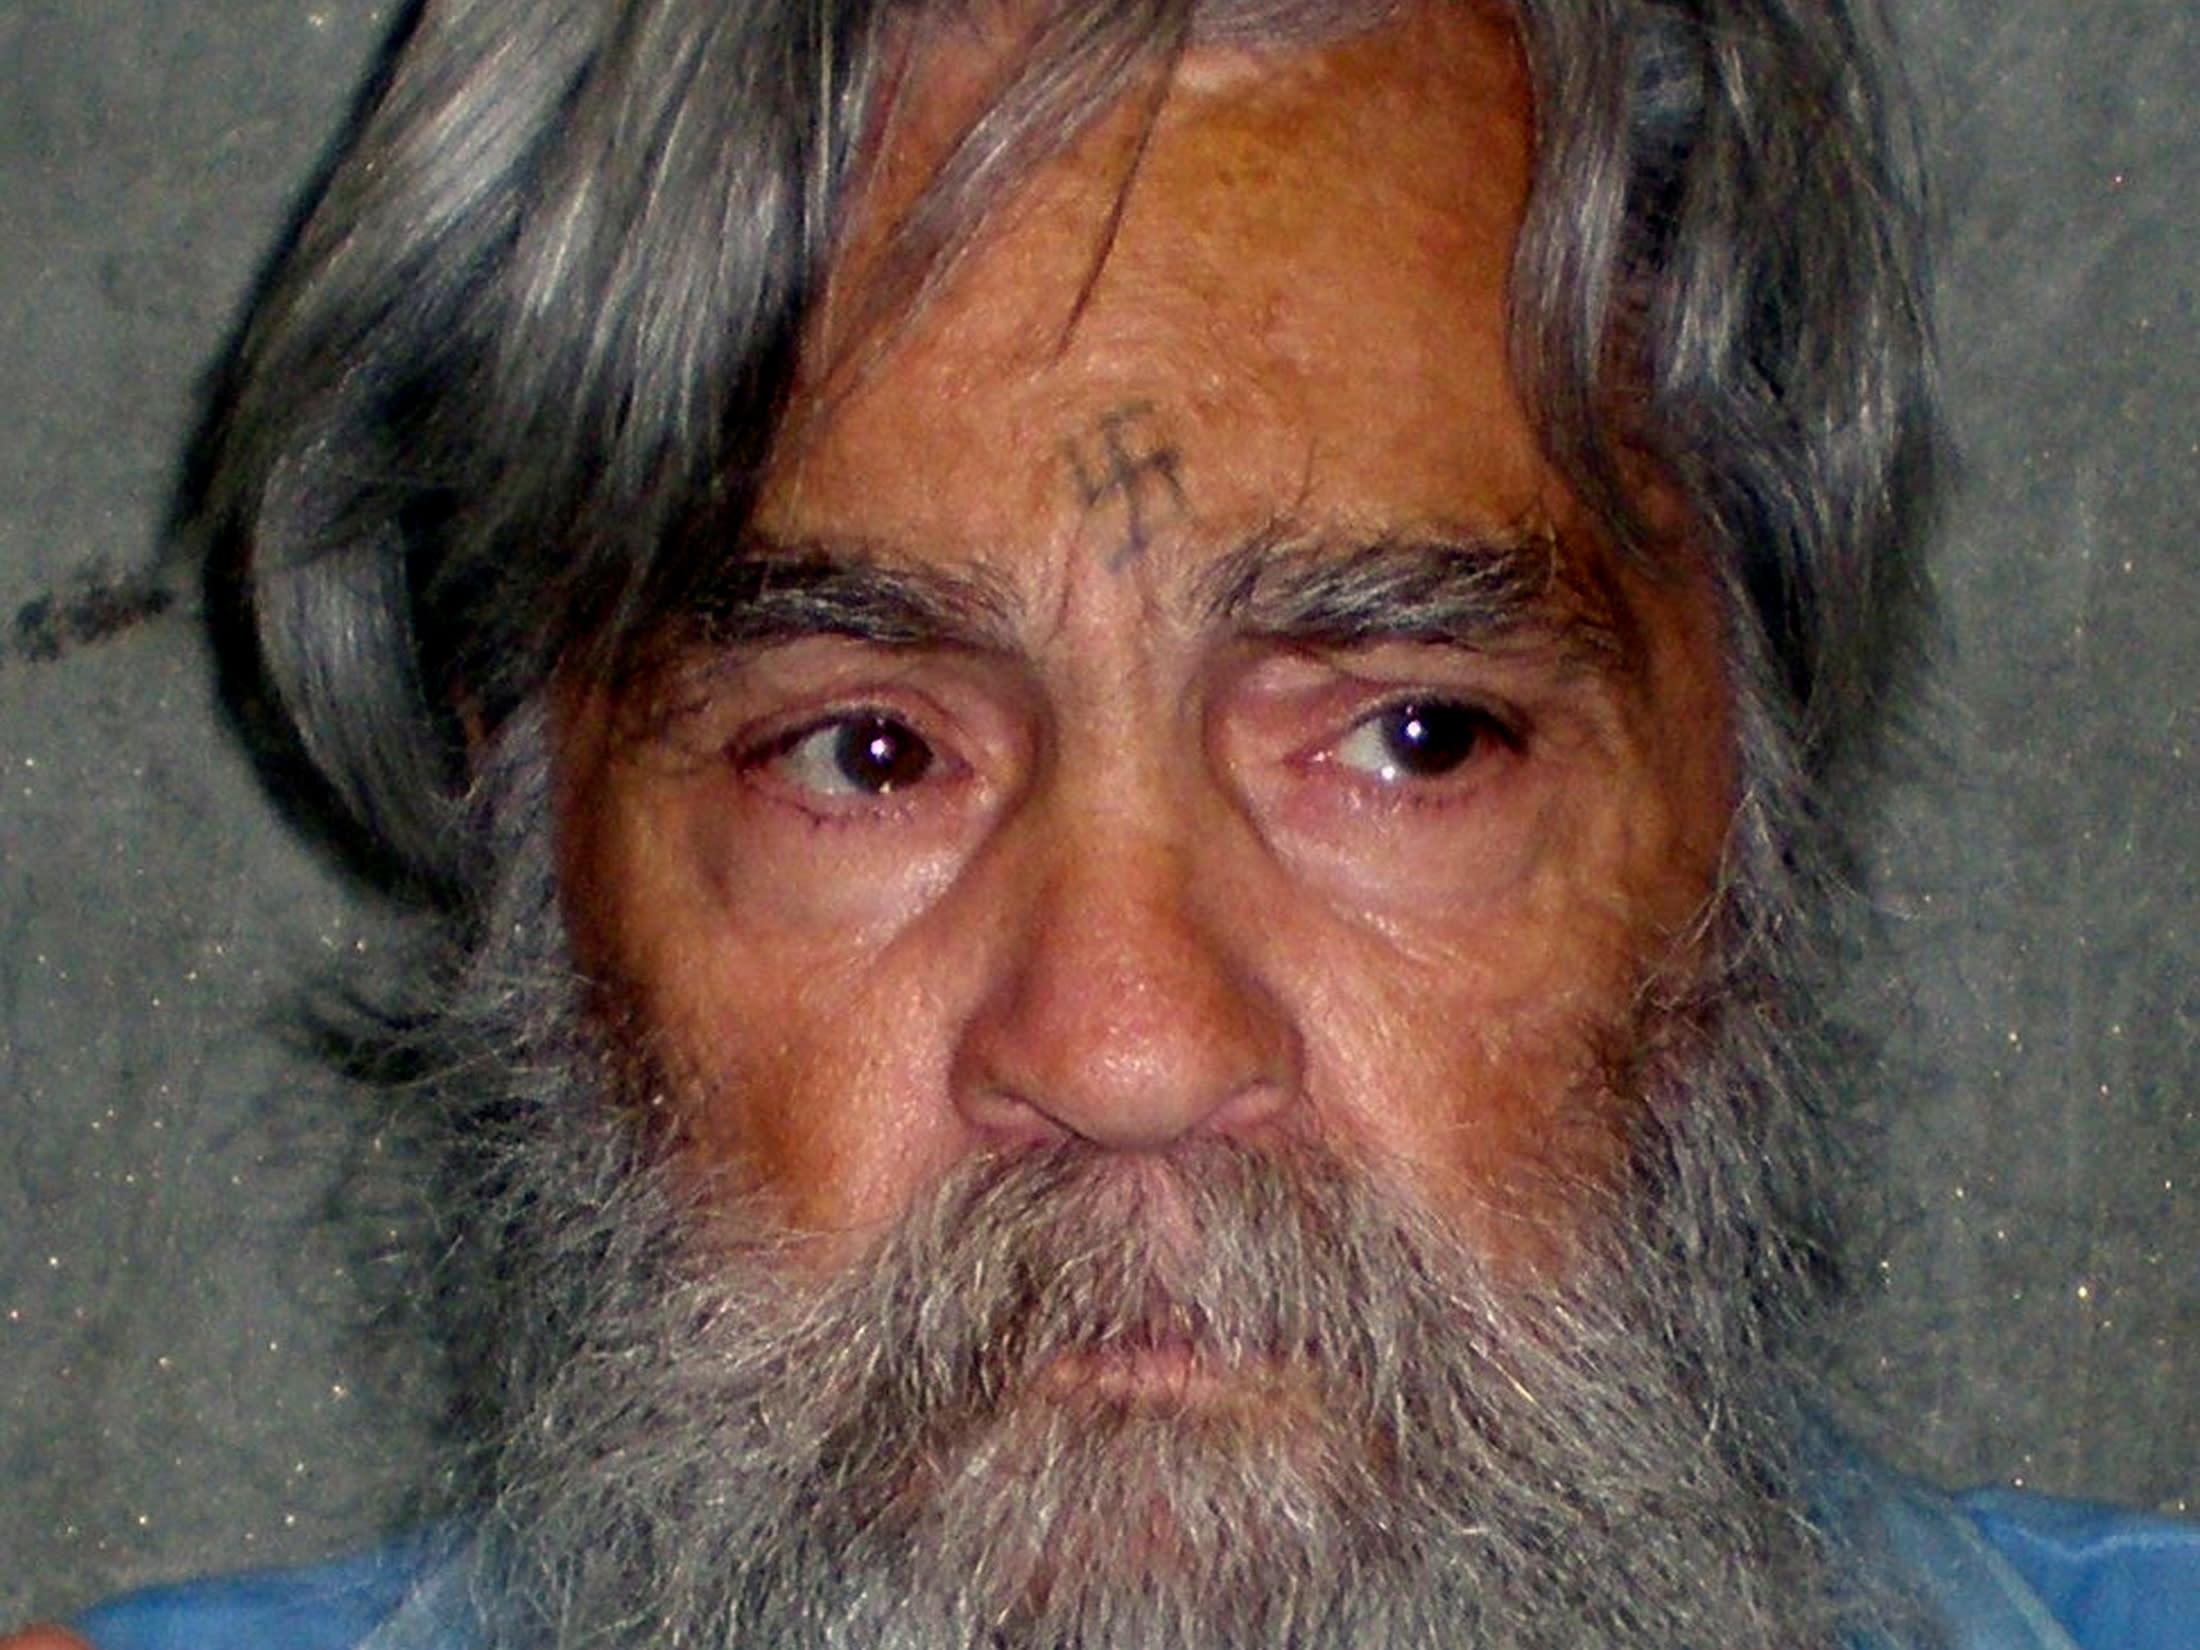 Charles Manson Alive After Hospitalization